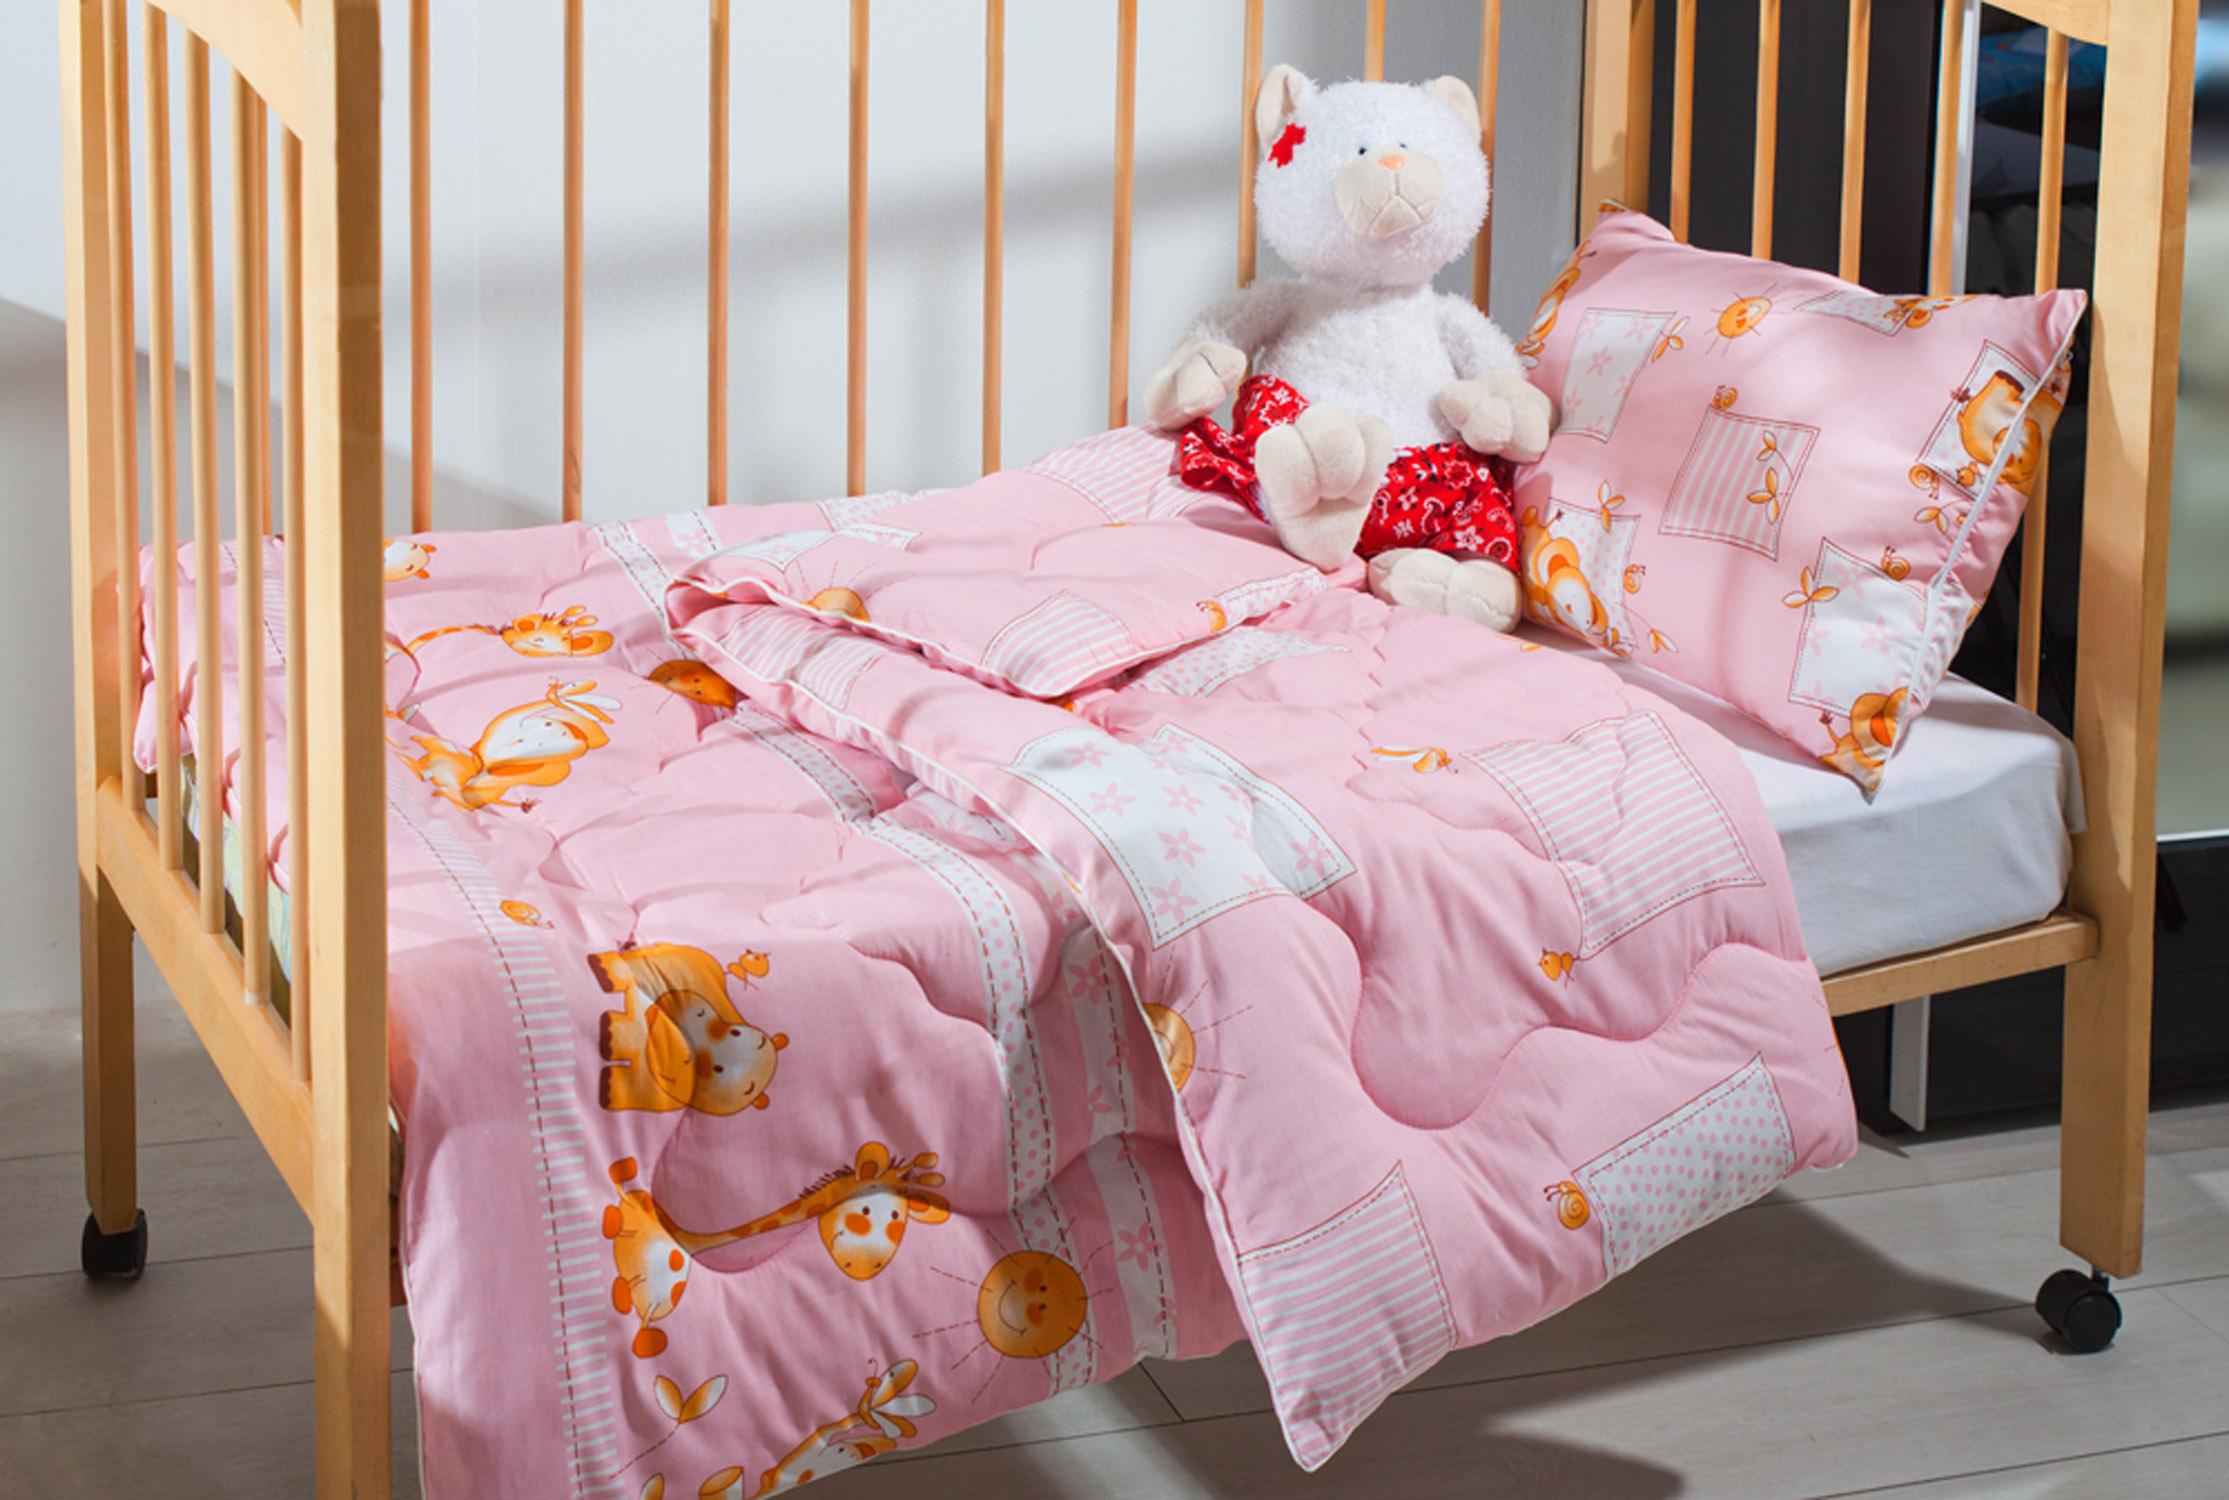 Как выбрать детское одеяло